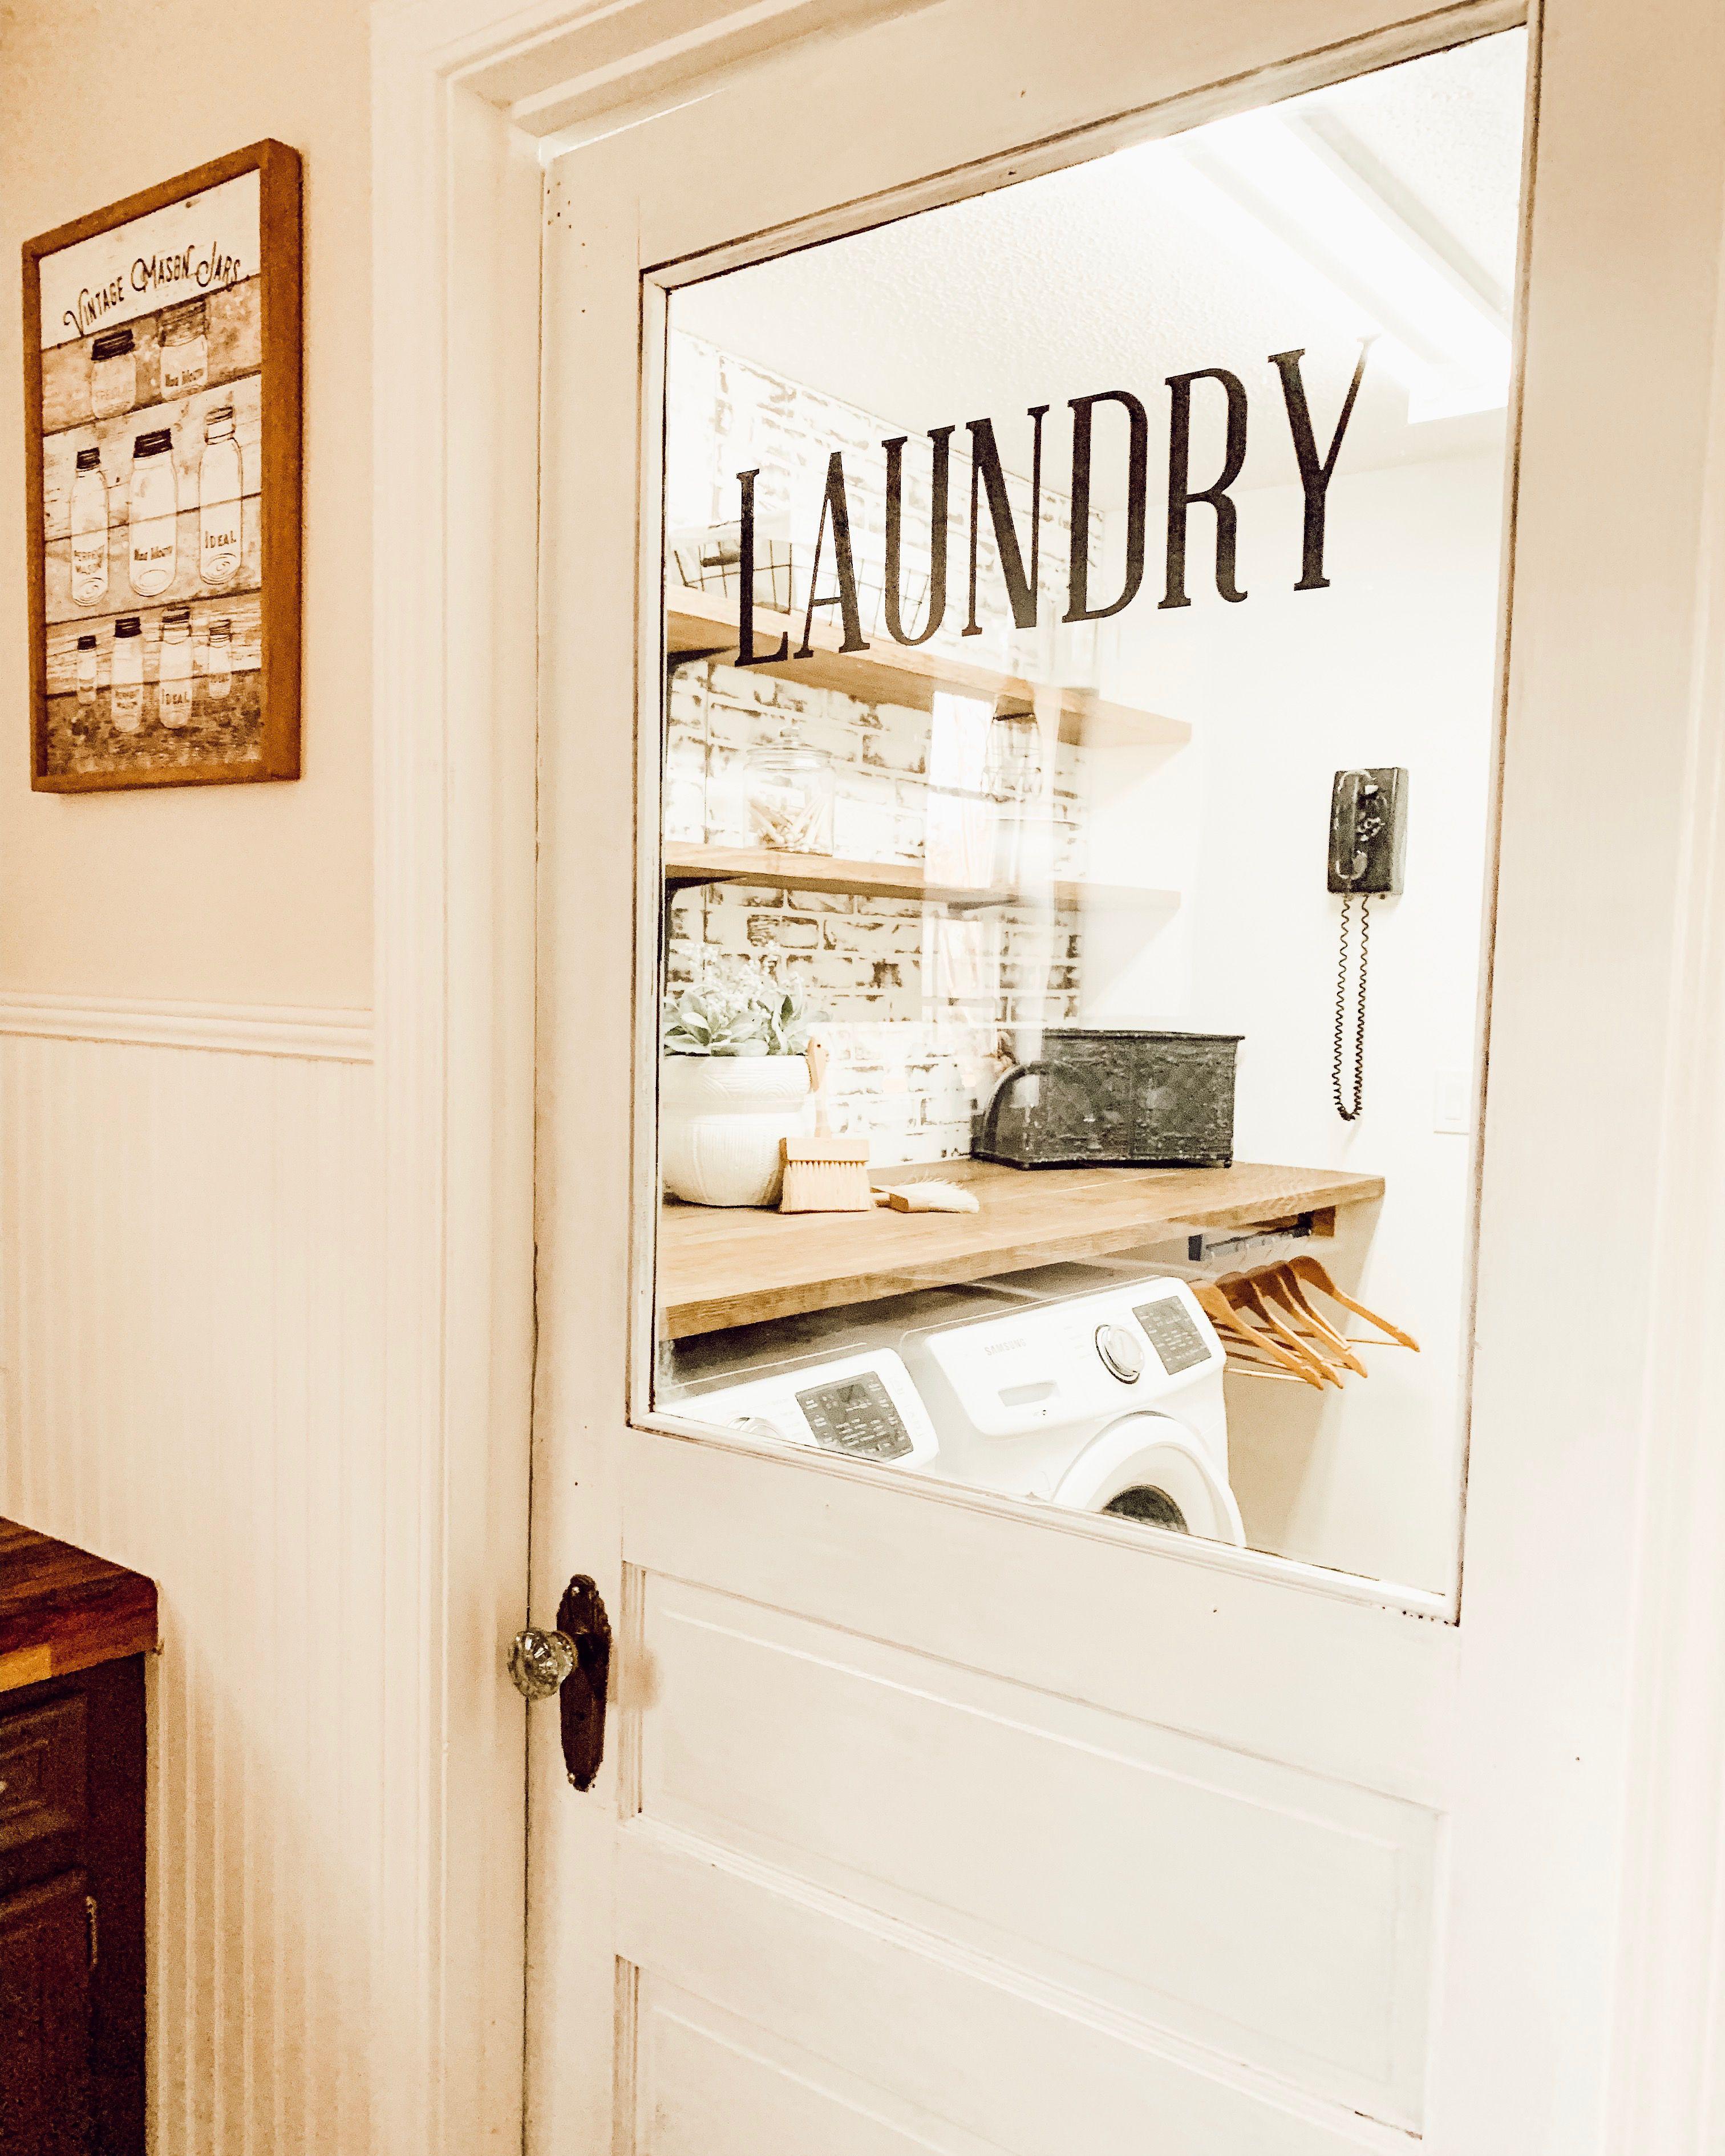 Home Laundry Room Doors Vintage Laundry Room Farmhouse Laundry Room